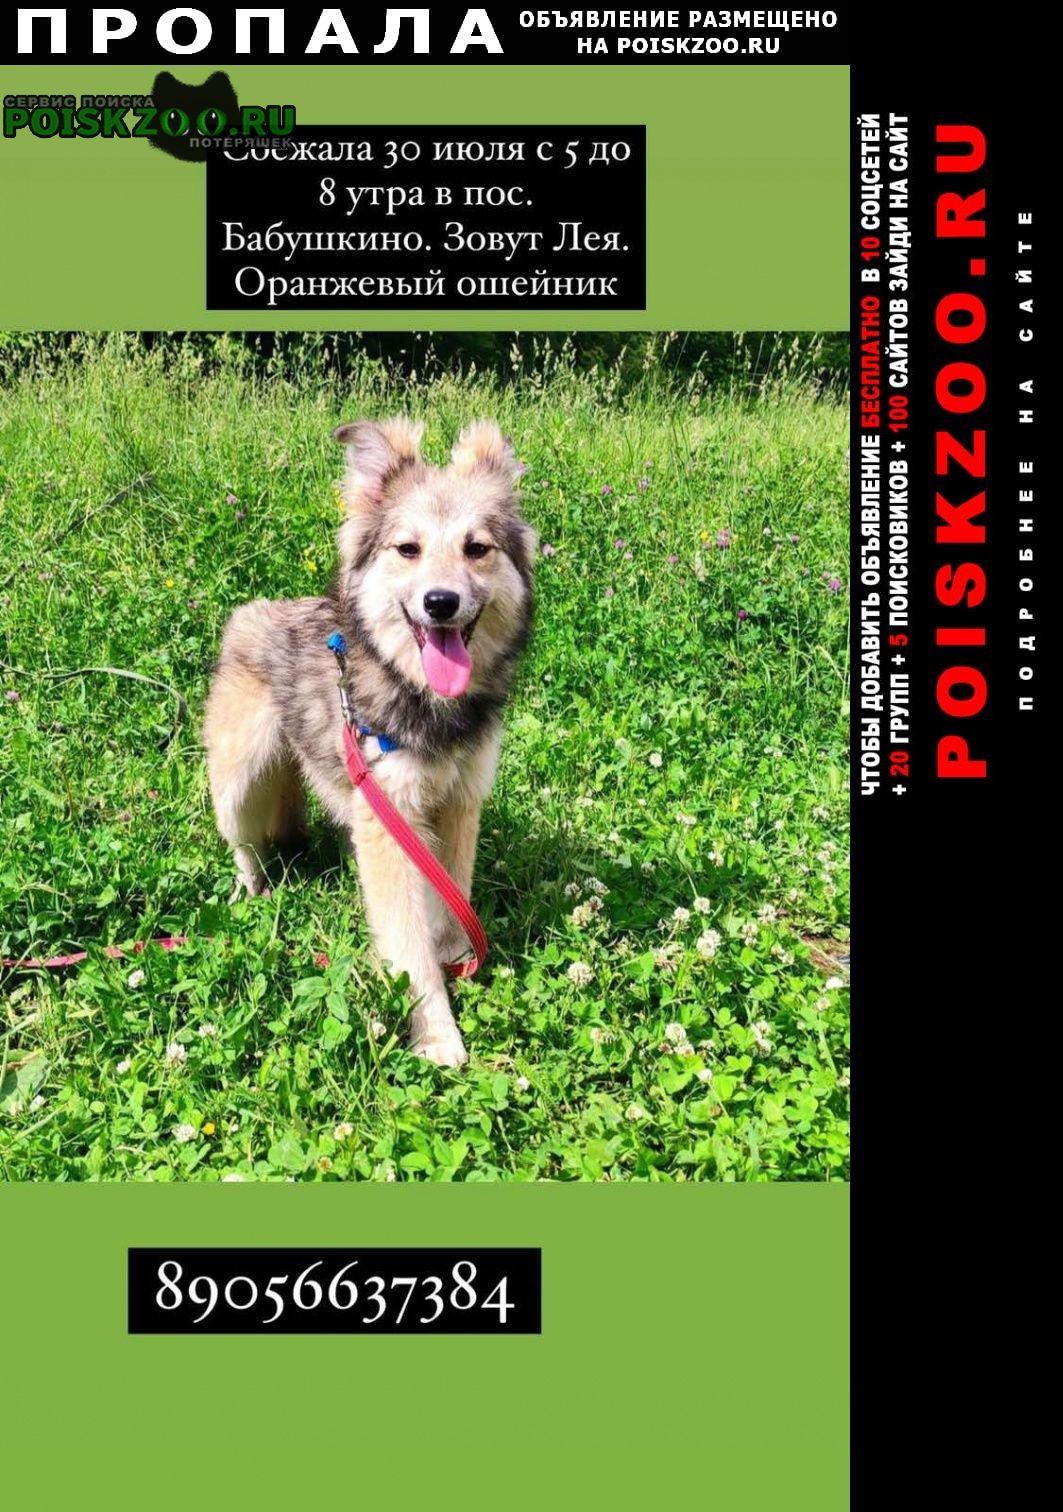 Пропала собака лея потерялась Дзержинск